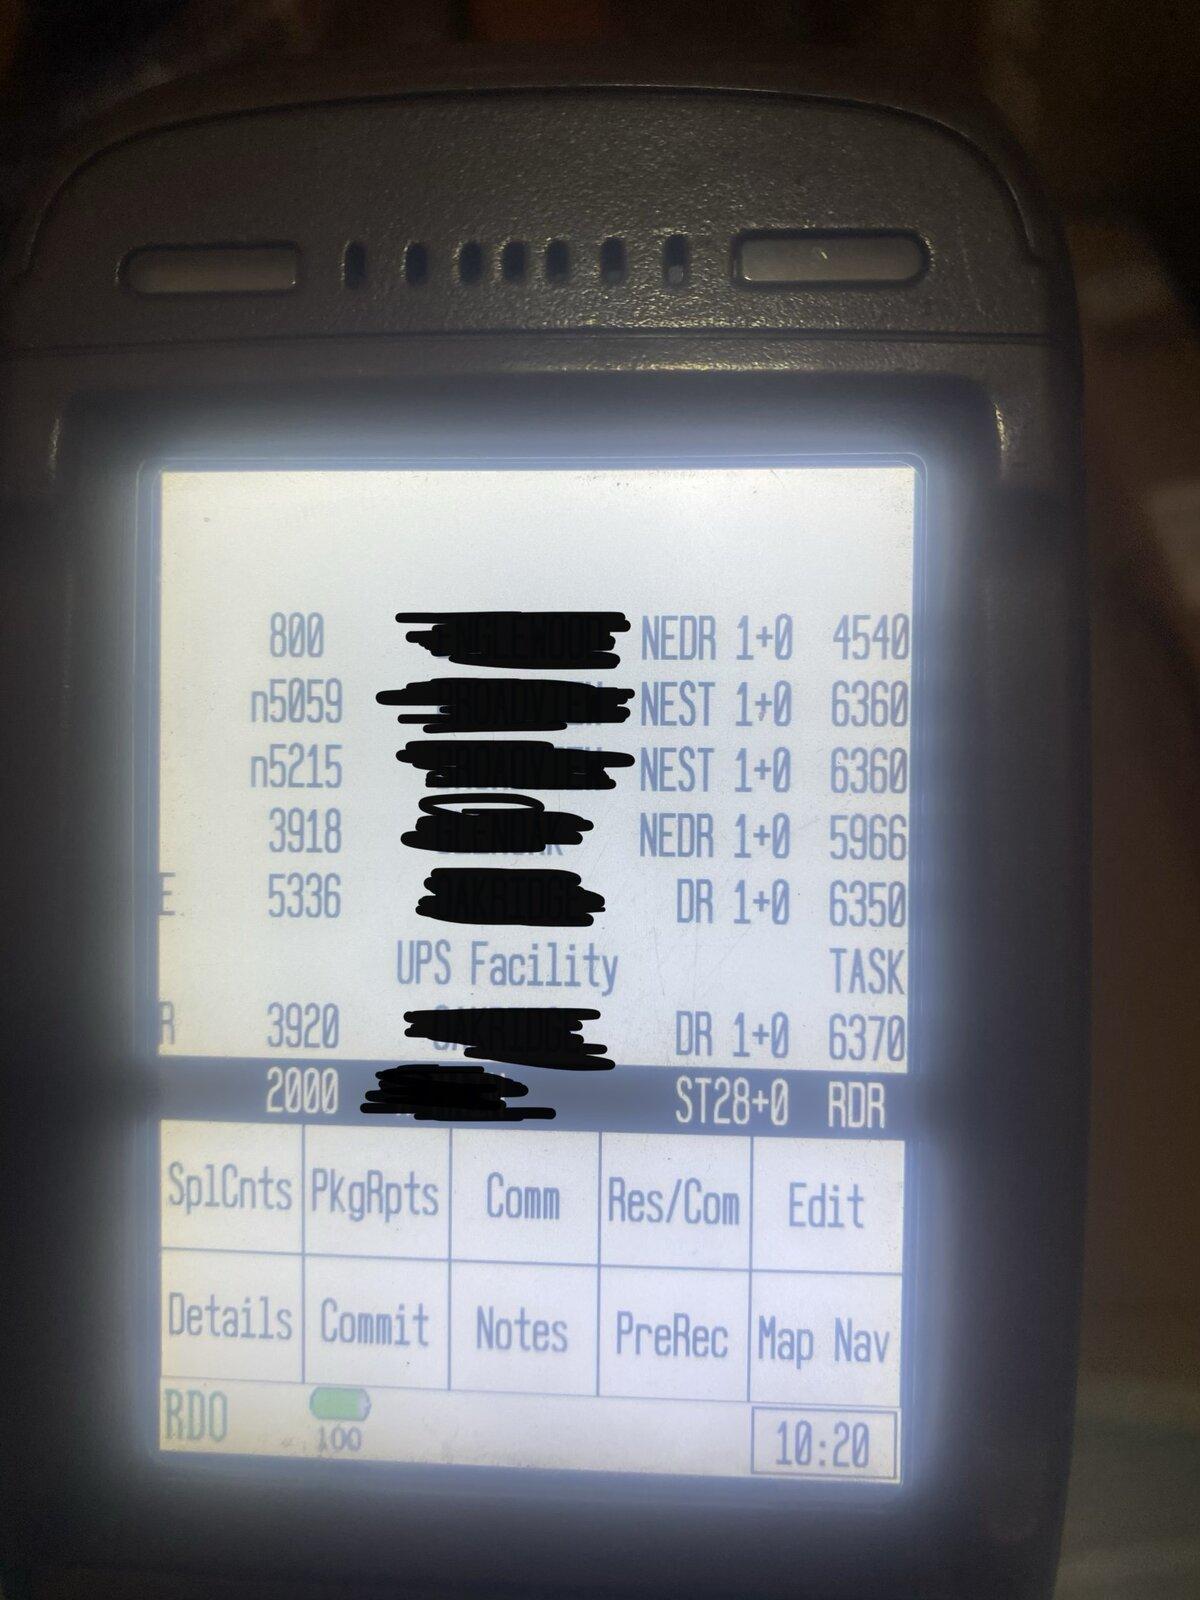 1F478835-C972-4FEC-BE1B-DE3724B74088.jpeg